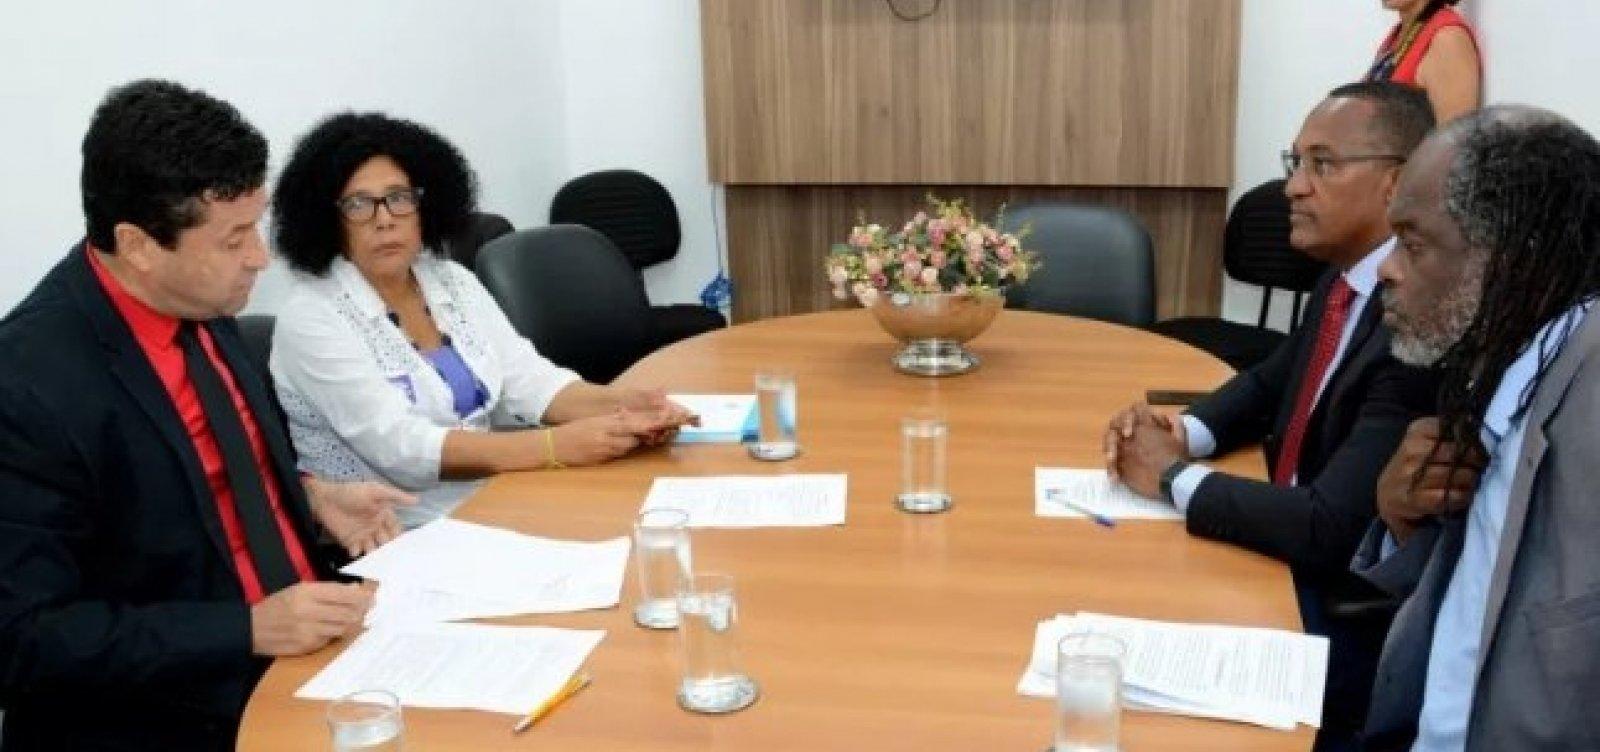 Parecer na Comissão de Educação rejeita projeto contra ideologia de gênero em Salvador